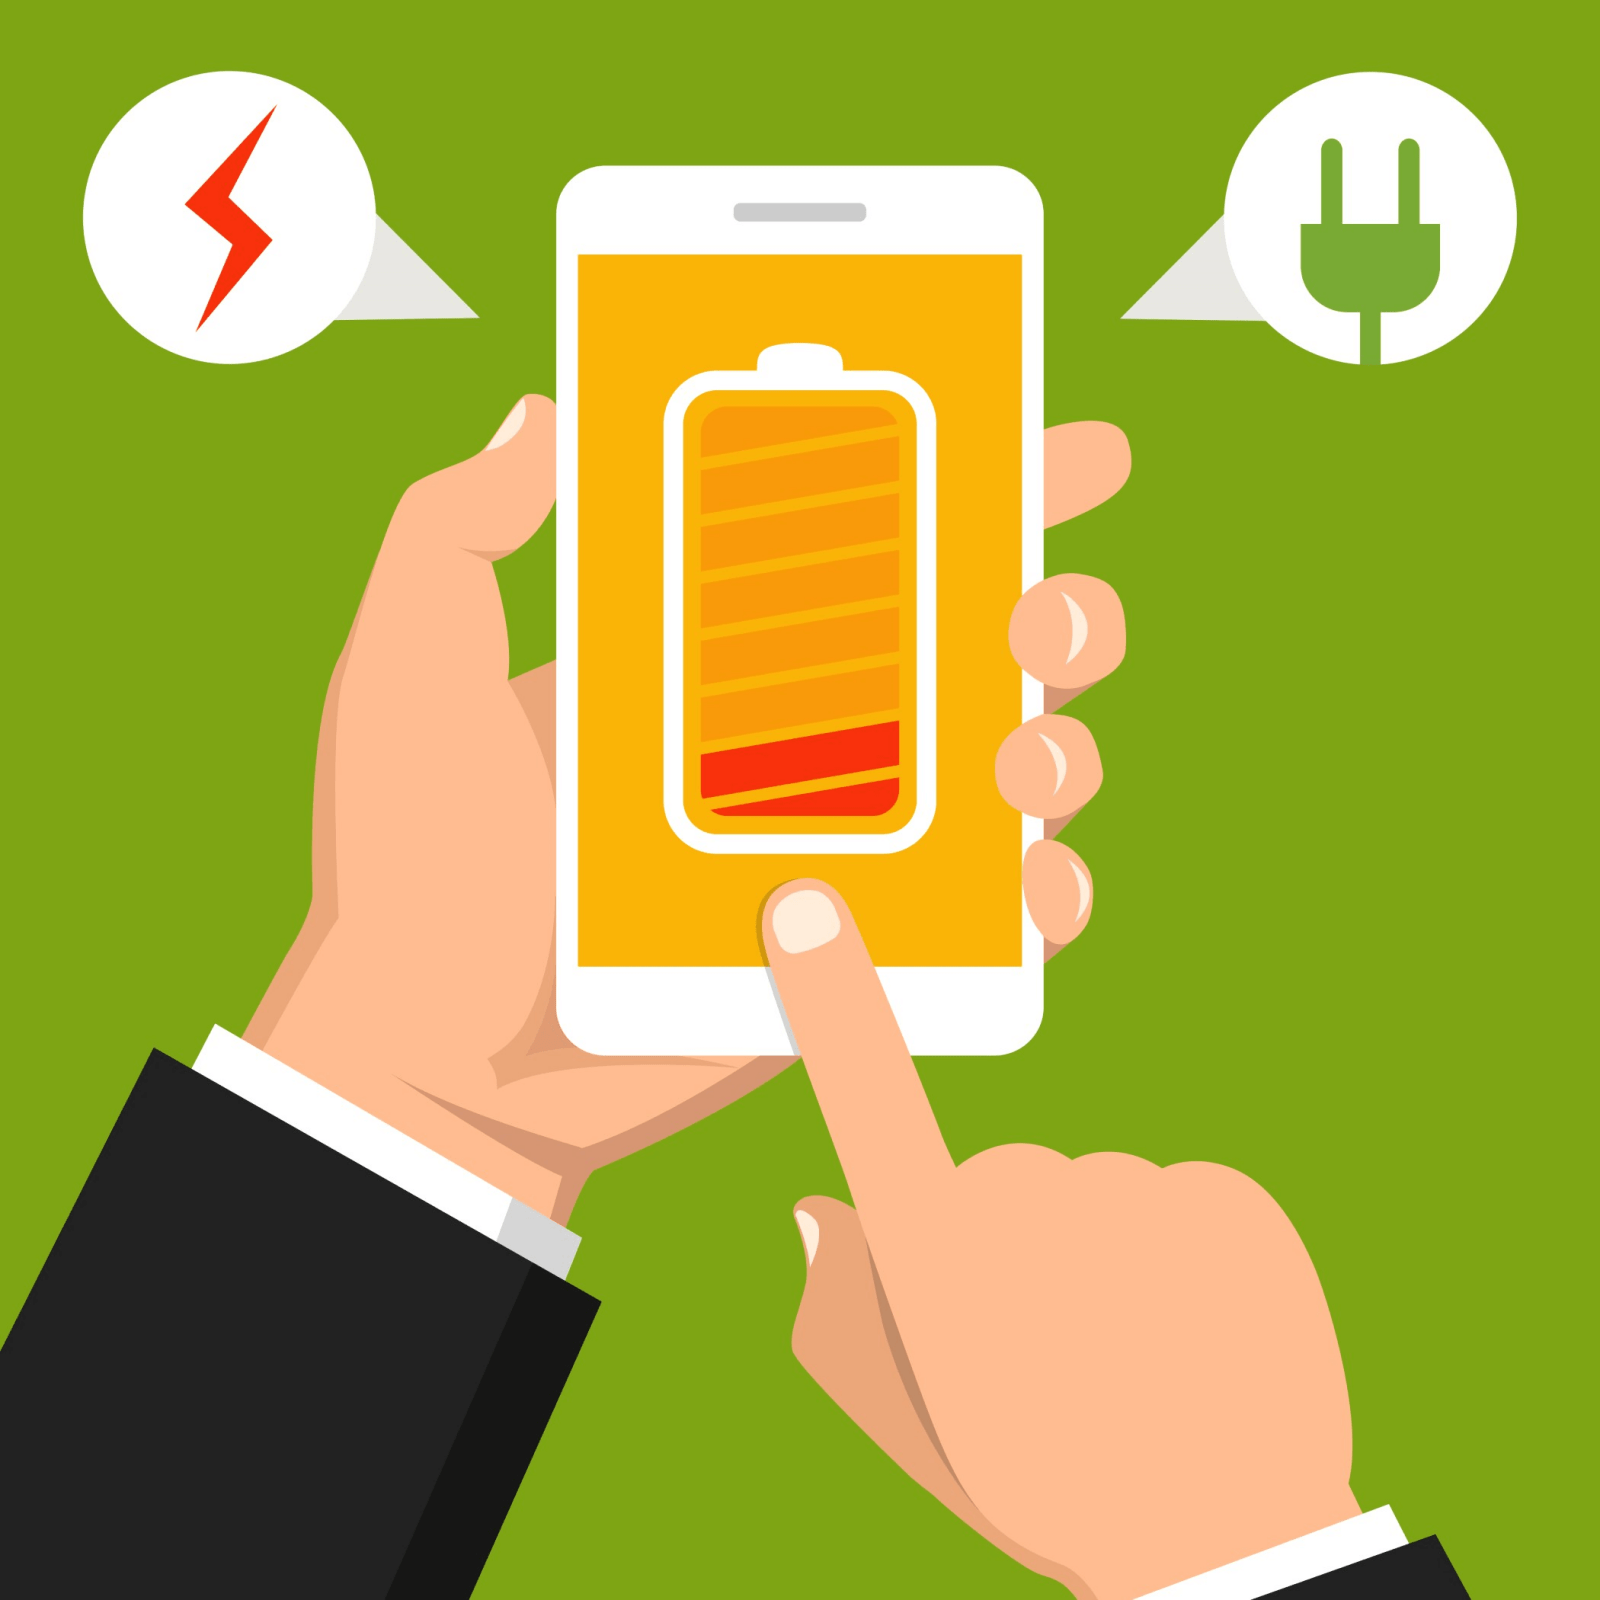 Неправильно отображается заряд батареи. 3 простых способа калибровки аккумулятора смартфона и развенчание мифов